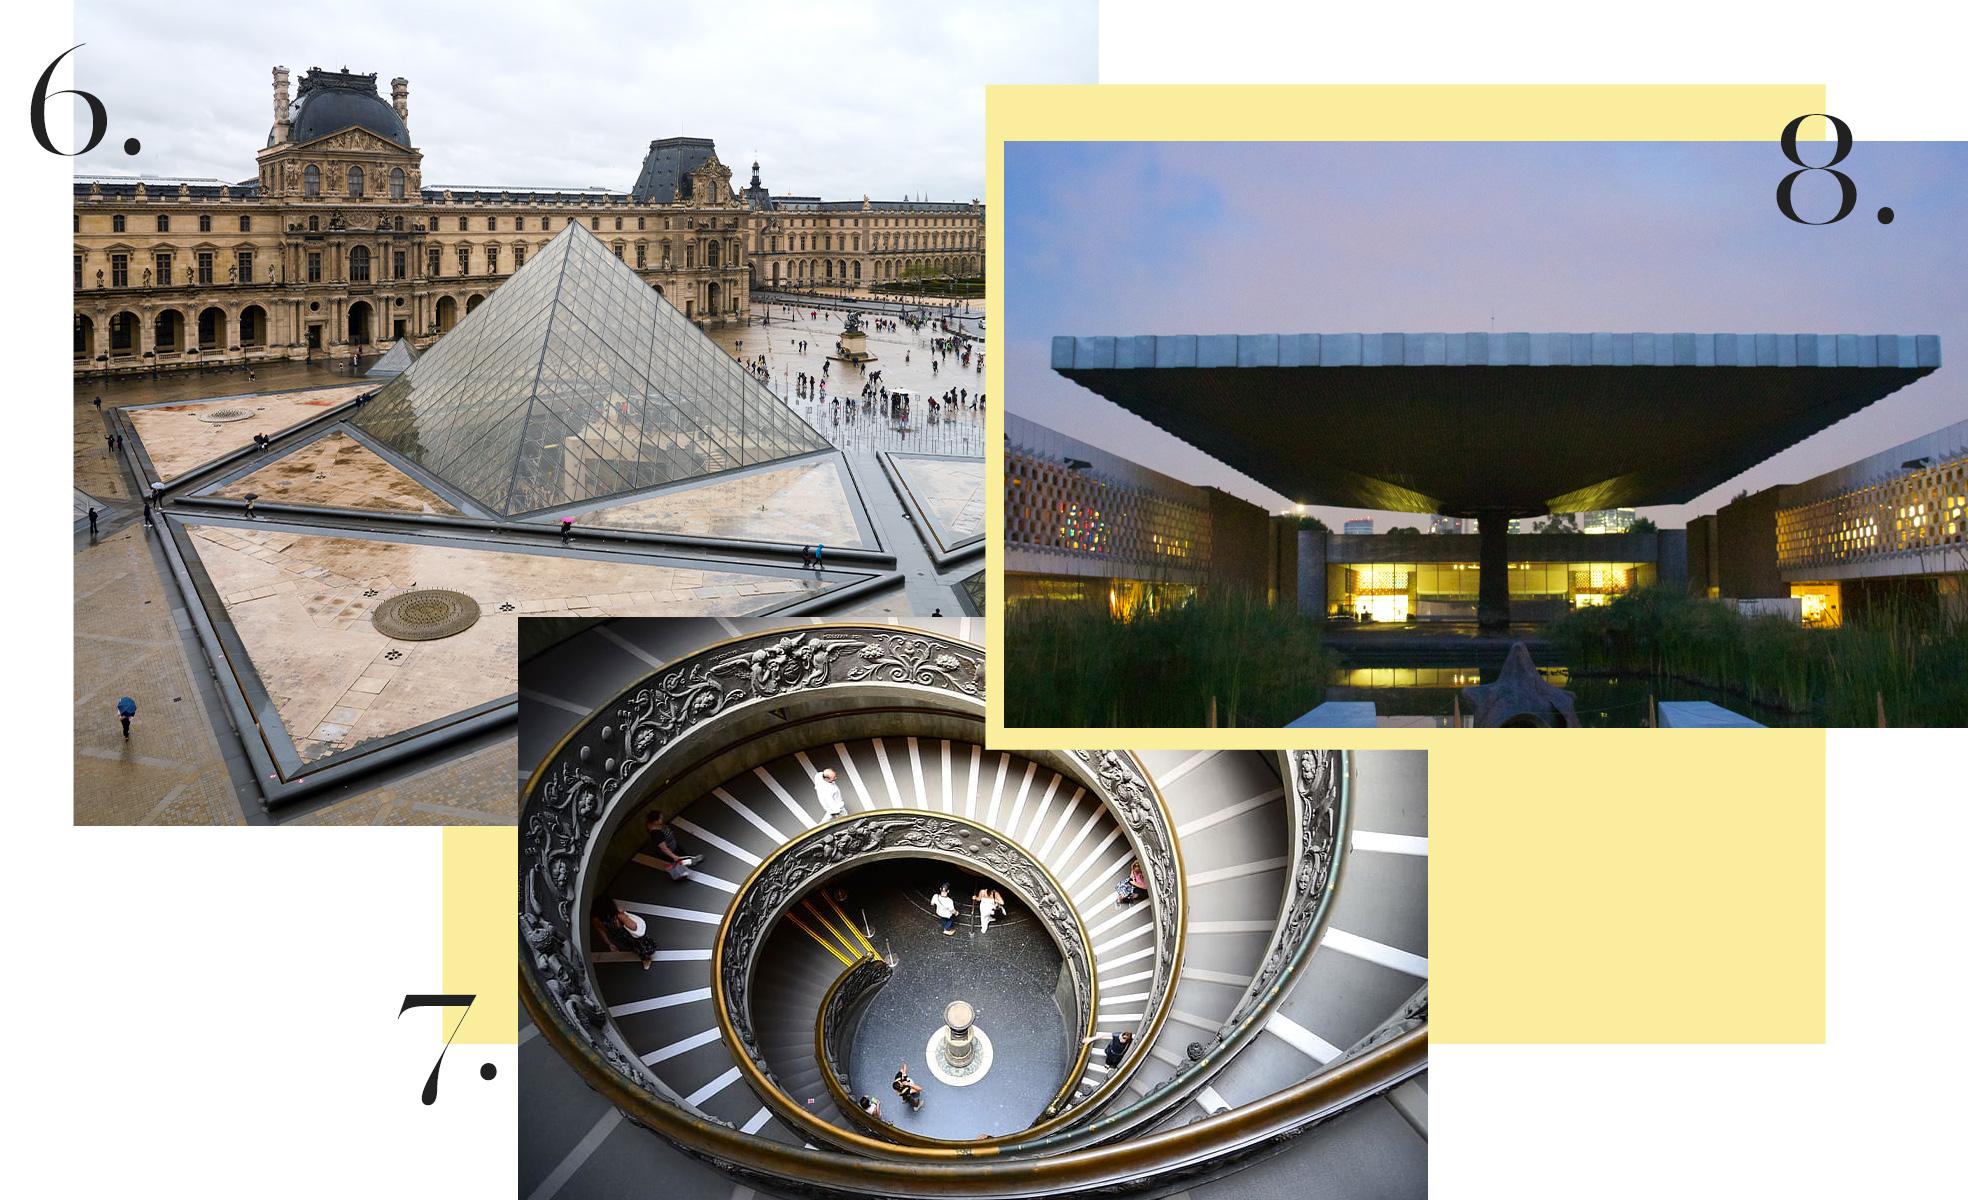 museu, museu online, exposição online, louvre, mona lisa, museu do vaticano, museu nacional de antropologia | westwing.com.br